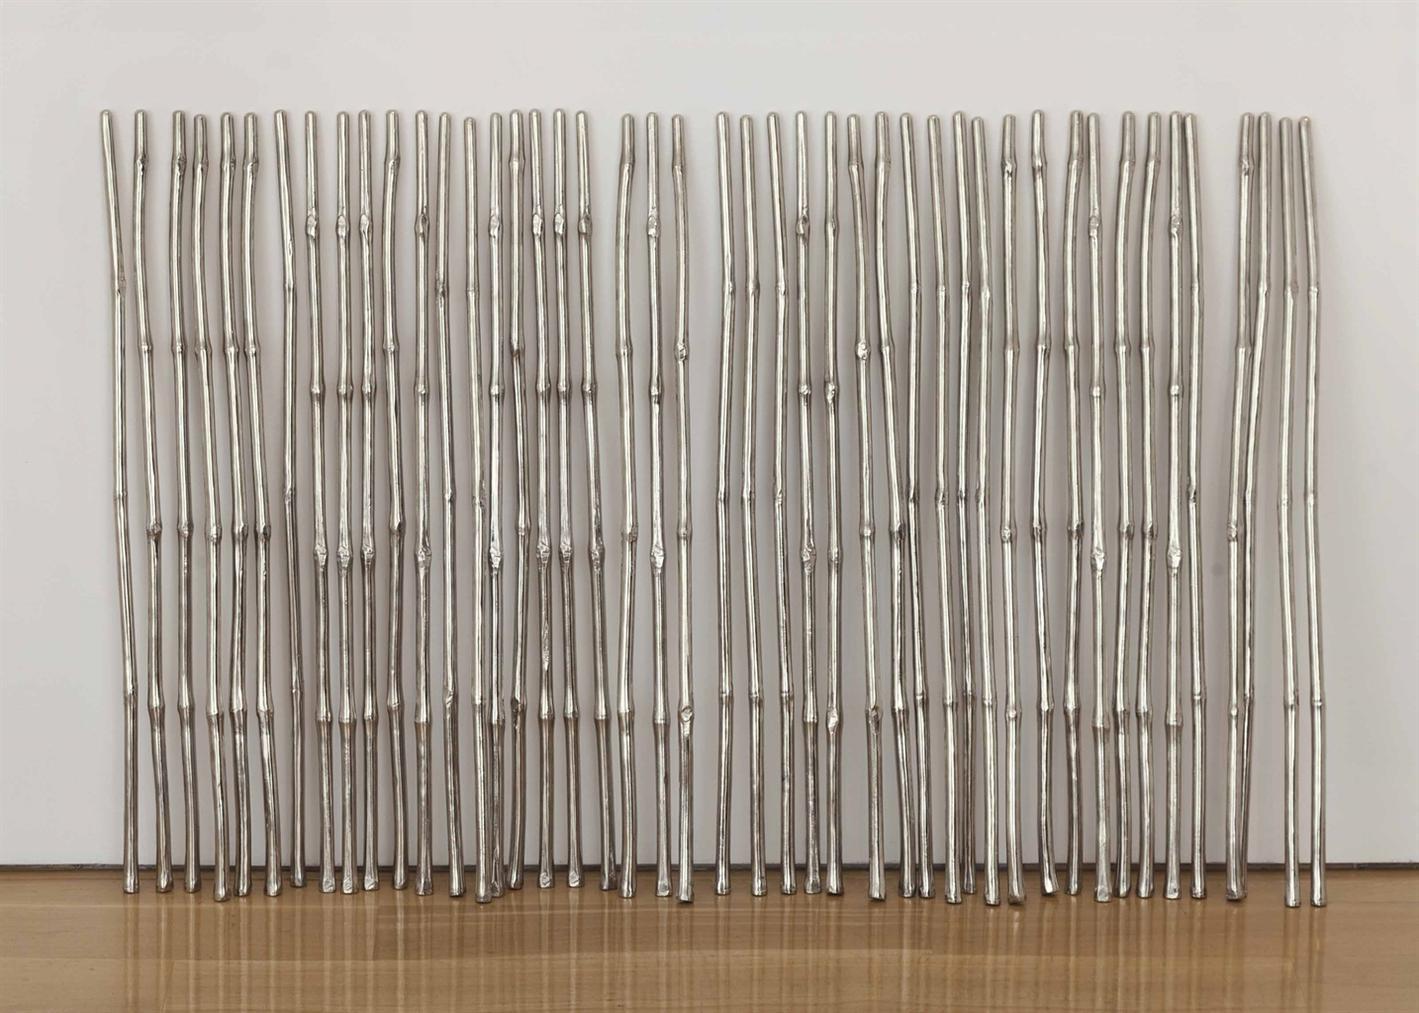 Subodh Gupta-Magic Wands-2002